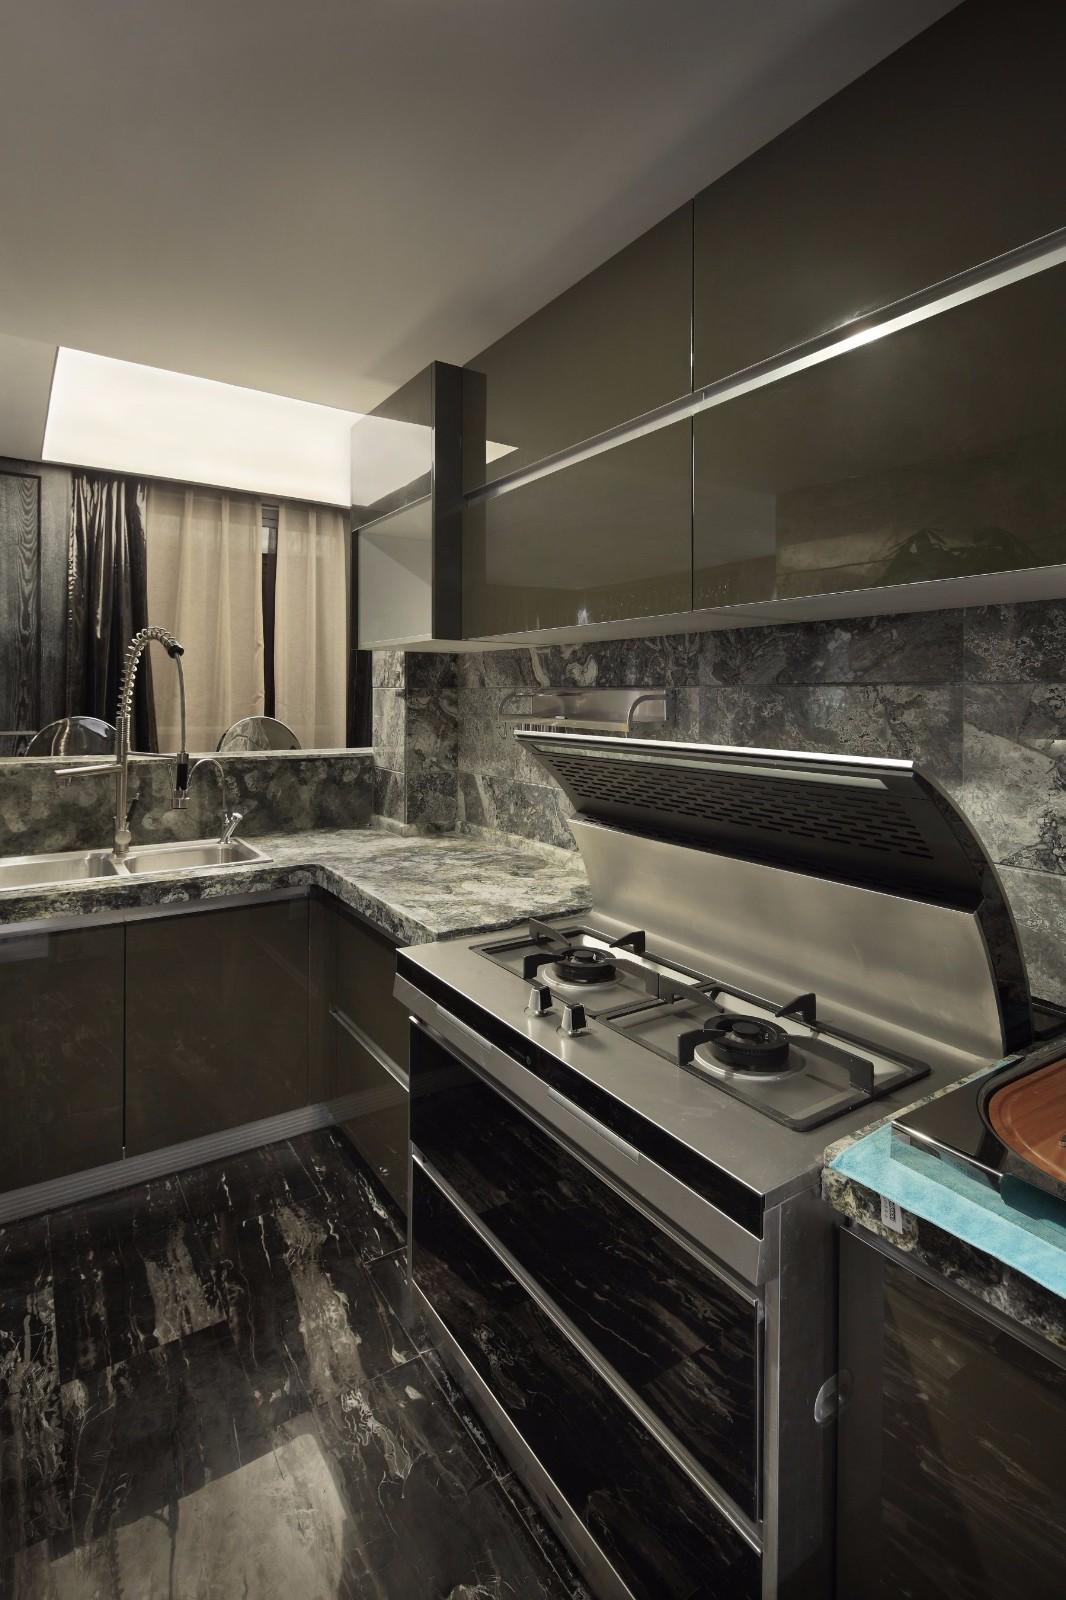 黑色调后现代风格厨房装修效果图